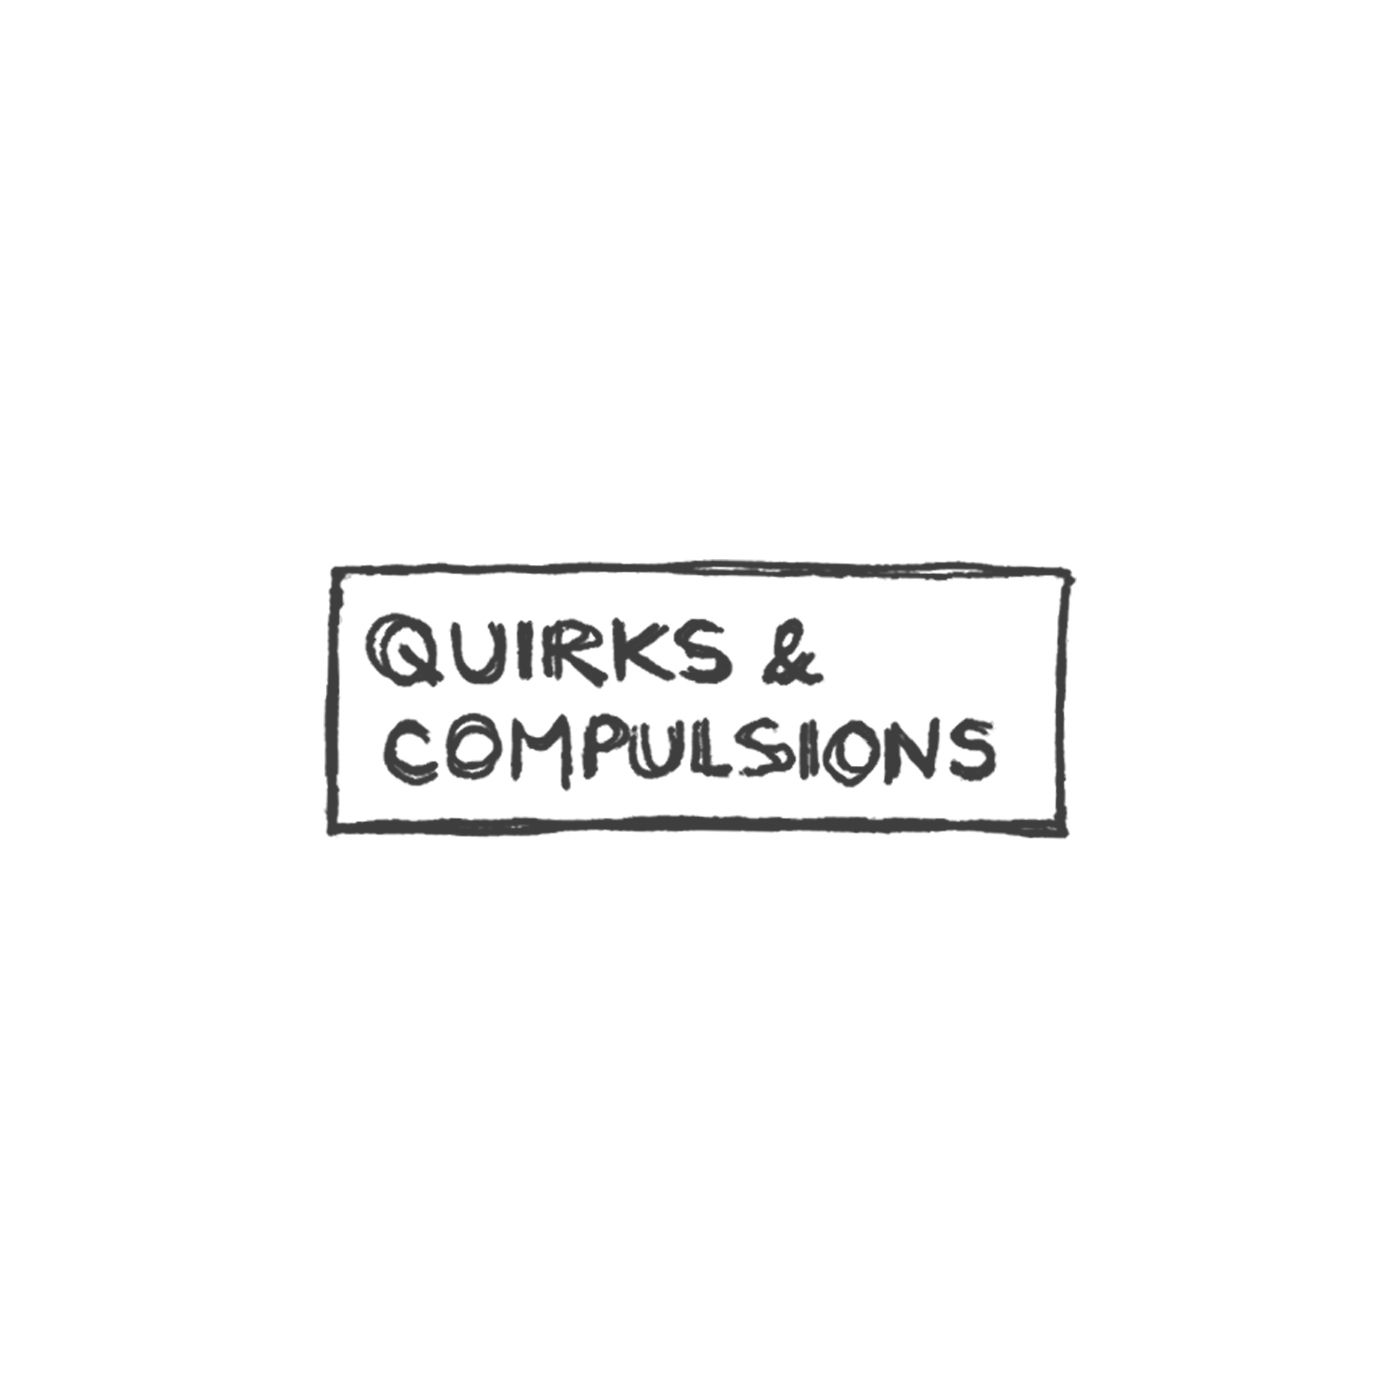 Quirks & Compulsions